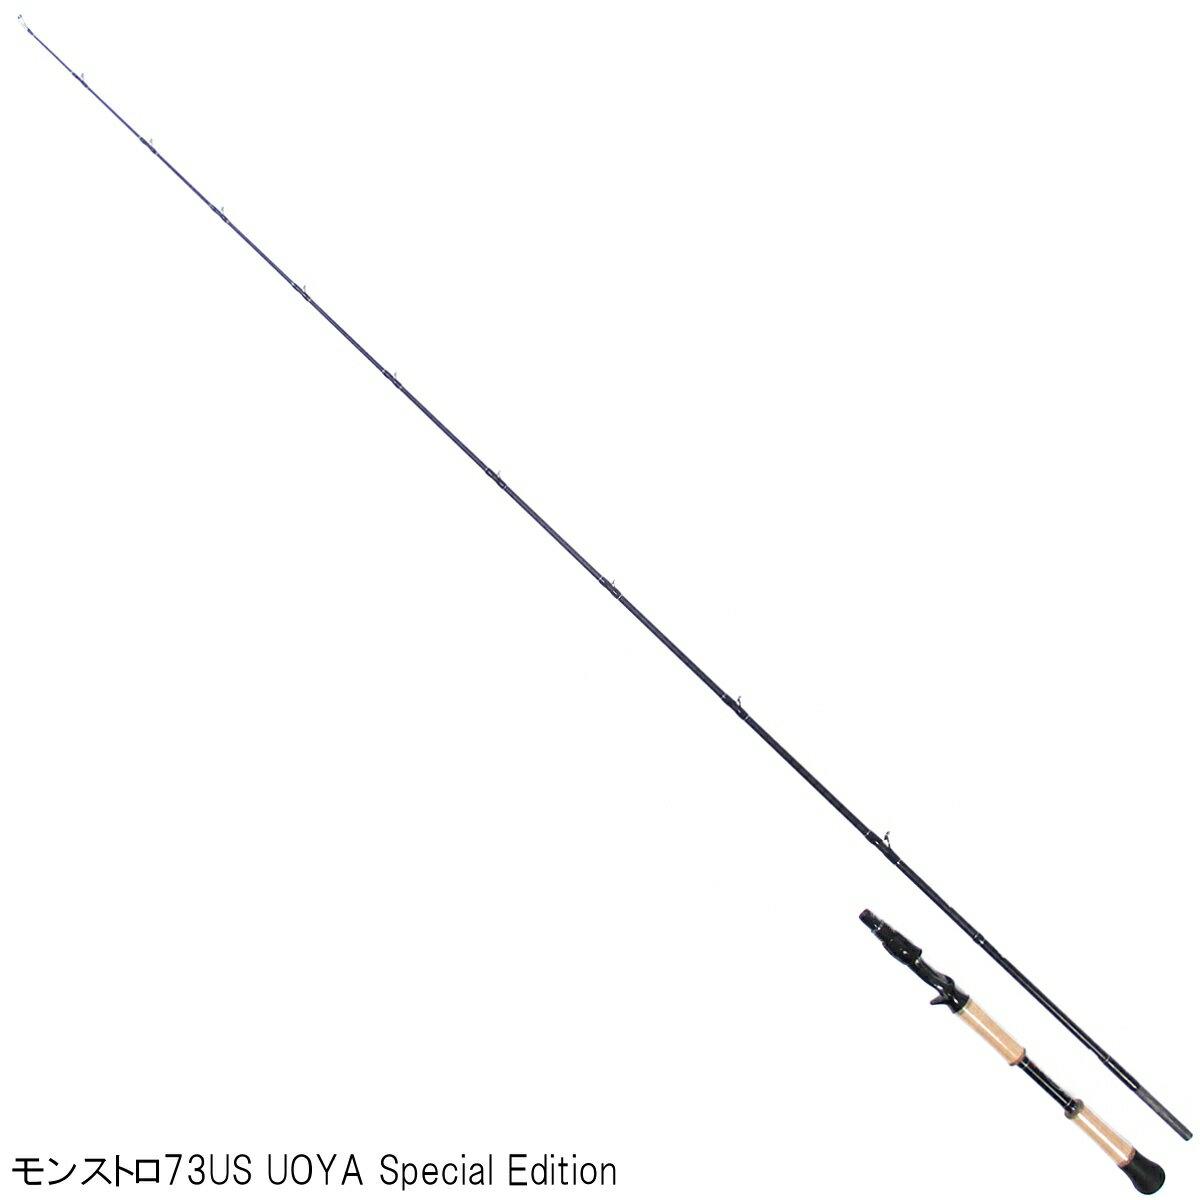 ツララ モンストロ73US UOYA Special Edition【大型商品】